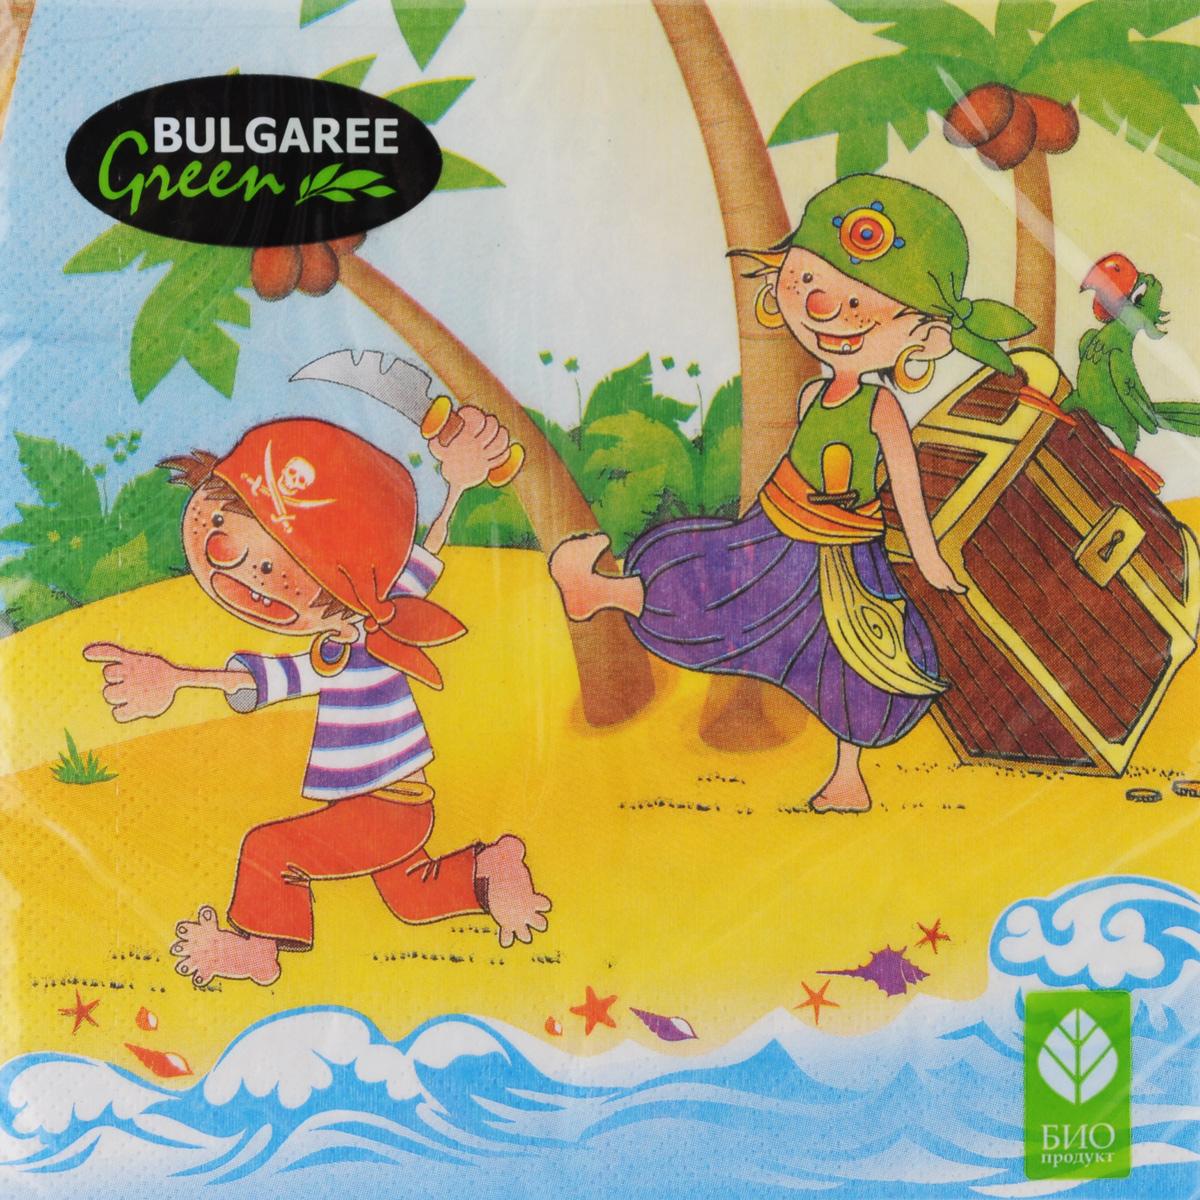 Салфетки бумажные Bulgaree Green Пираты, трехслойные, 33 х 33 см, 20 штCDF-16Декоративные трехслойные салфетки Bulgaree Green Пиратывыполнены из 100%целлюлозы европейского качества и оформлены ярким рисунком. Изделиястанут отличнымдополнением любого праздничного стола. Они отличаются необычноймягкостью,прочностью и оригинальностью.Размер салфеток в развернутом виде: 33 х 33 см.